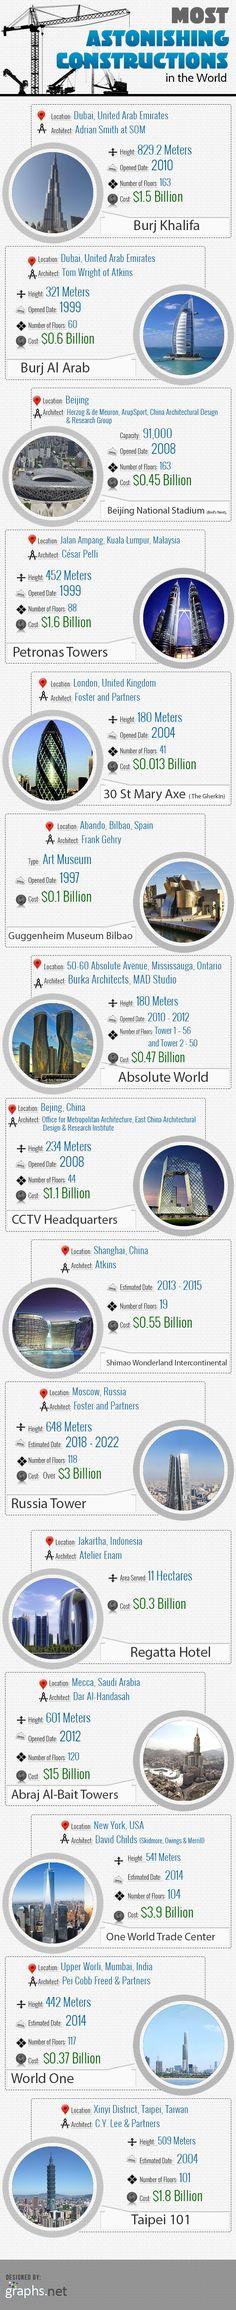 Las construcciones más asombrosas del Mundo #infografia #infographic